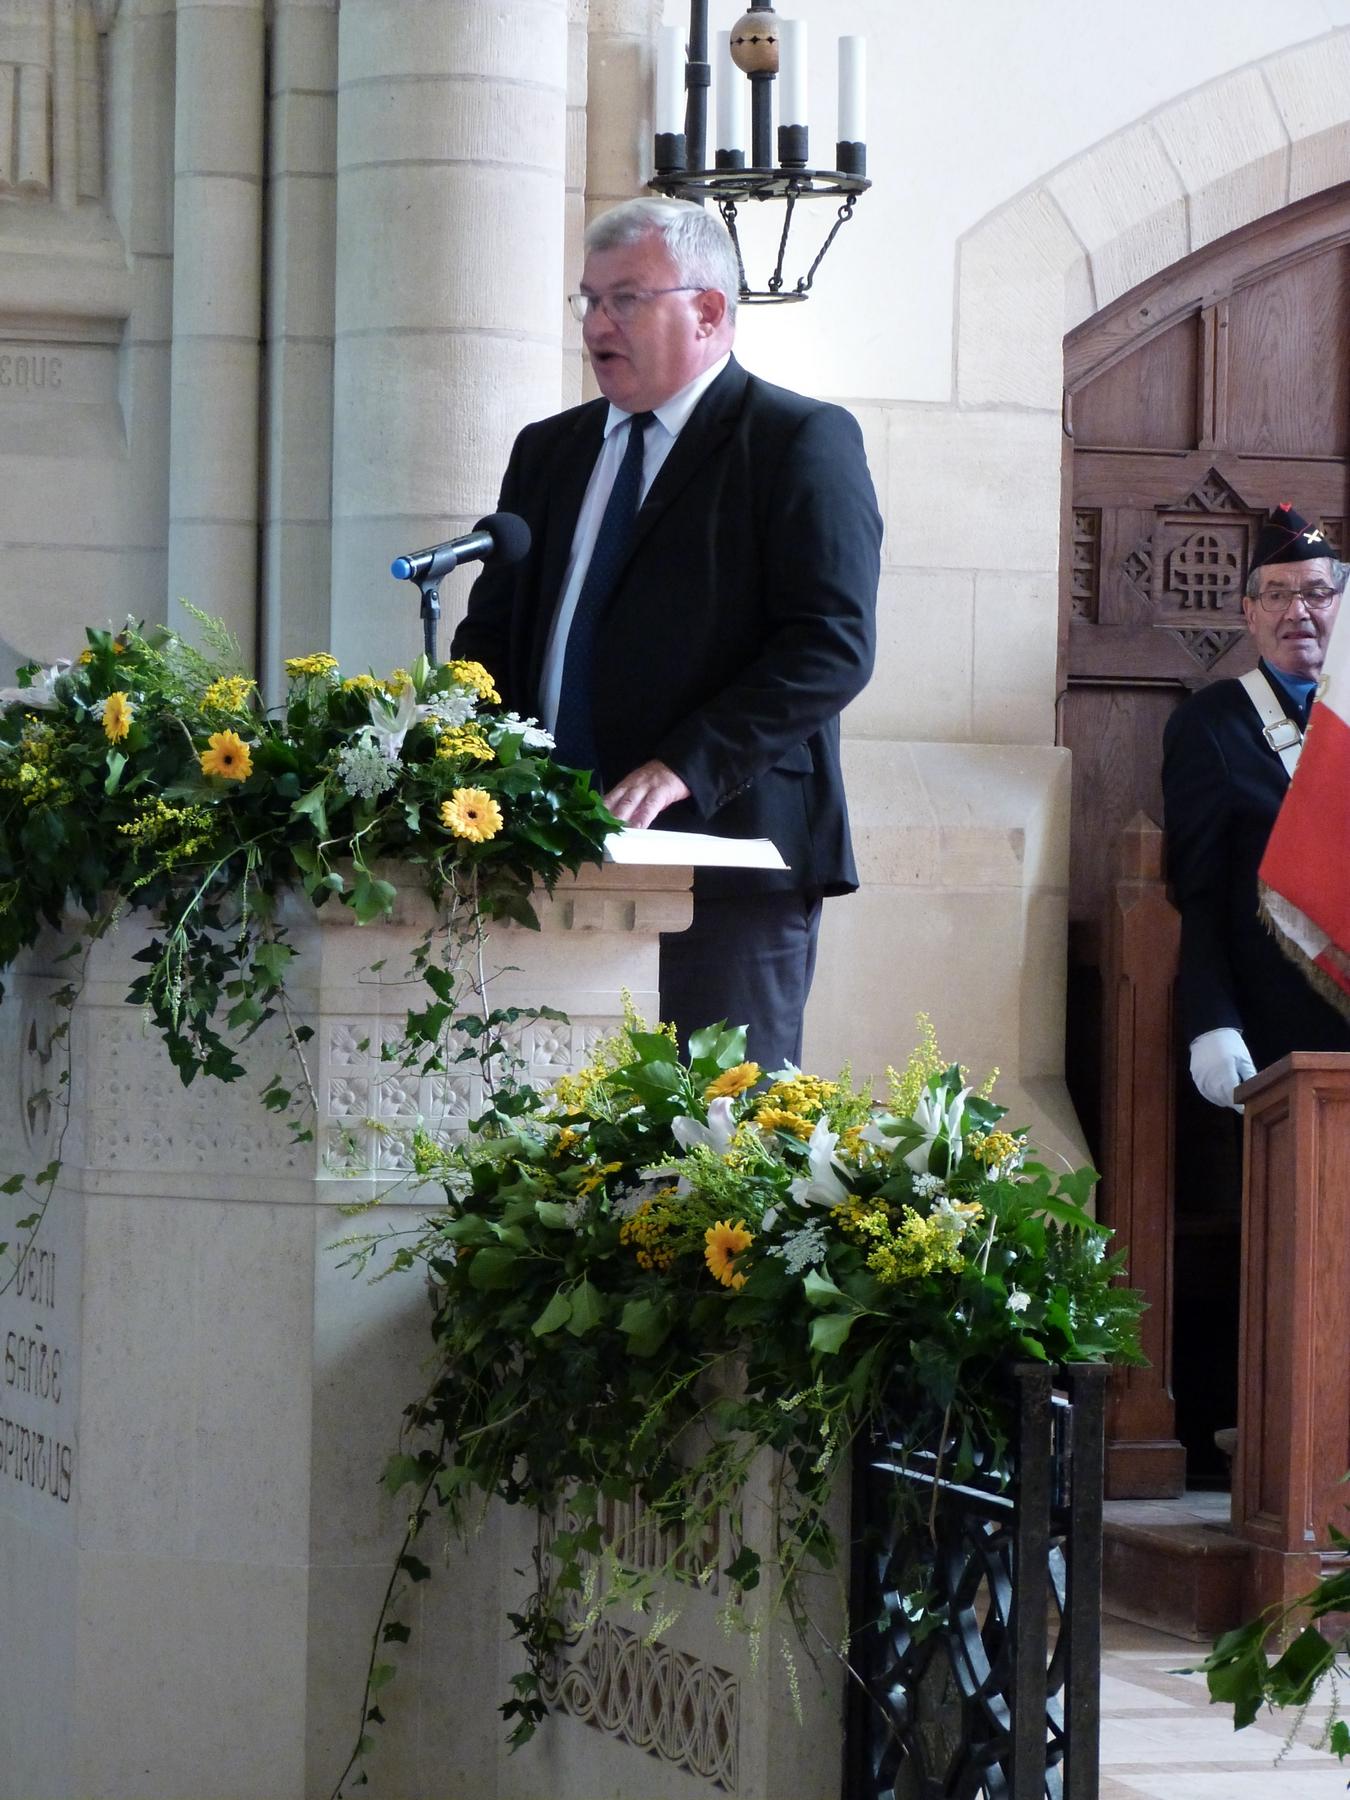 Durant la messe : accueil par Christian Bruyen, président du conseil départemental de la Marne : 8 juillet 2018 Mémorial de Dormans